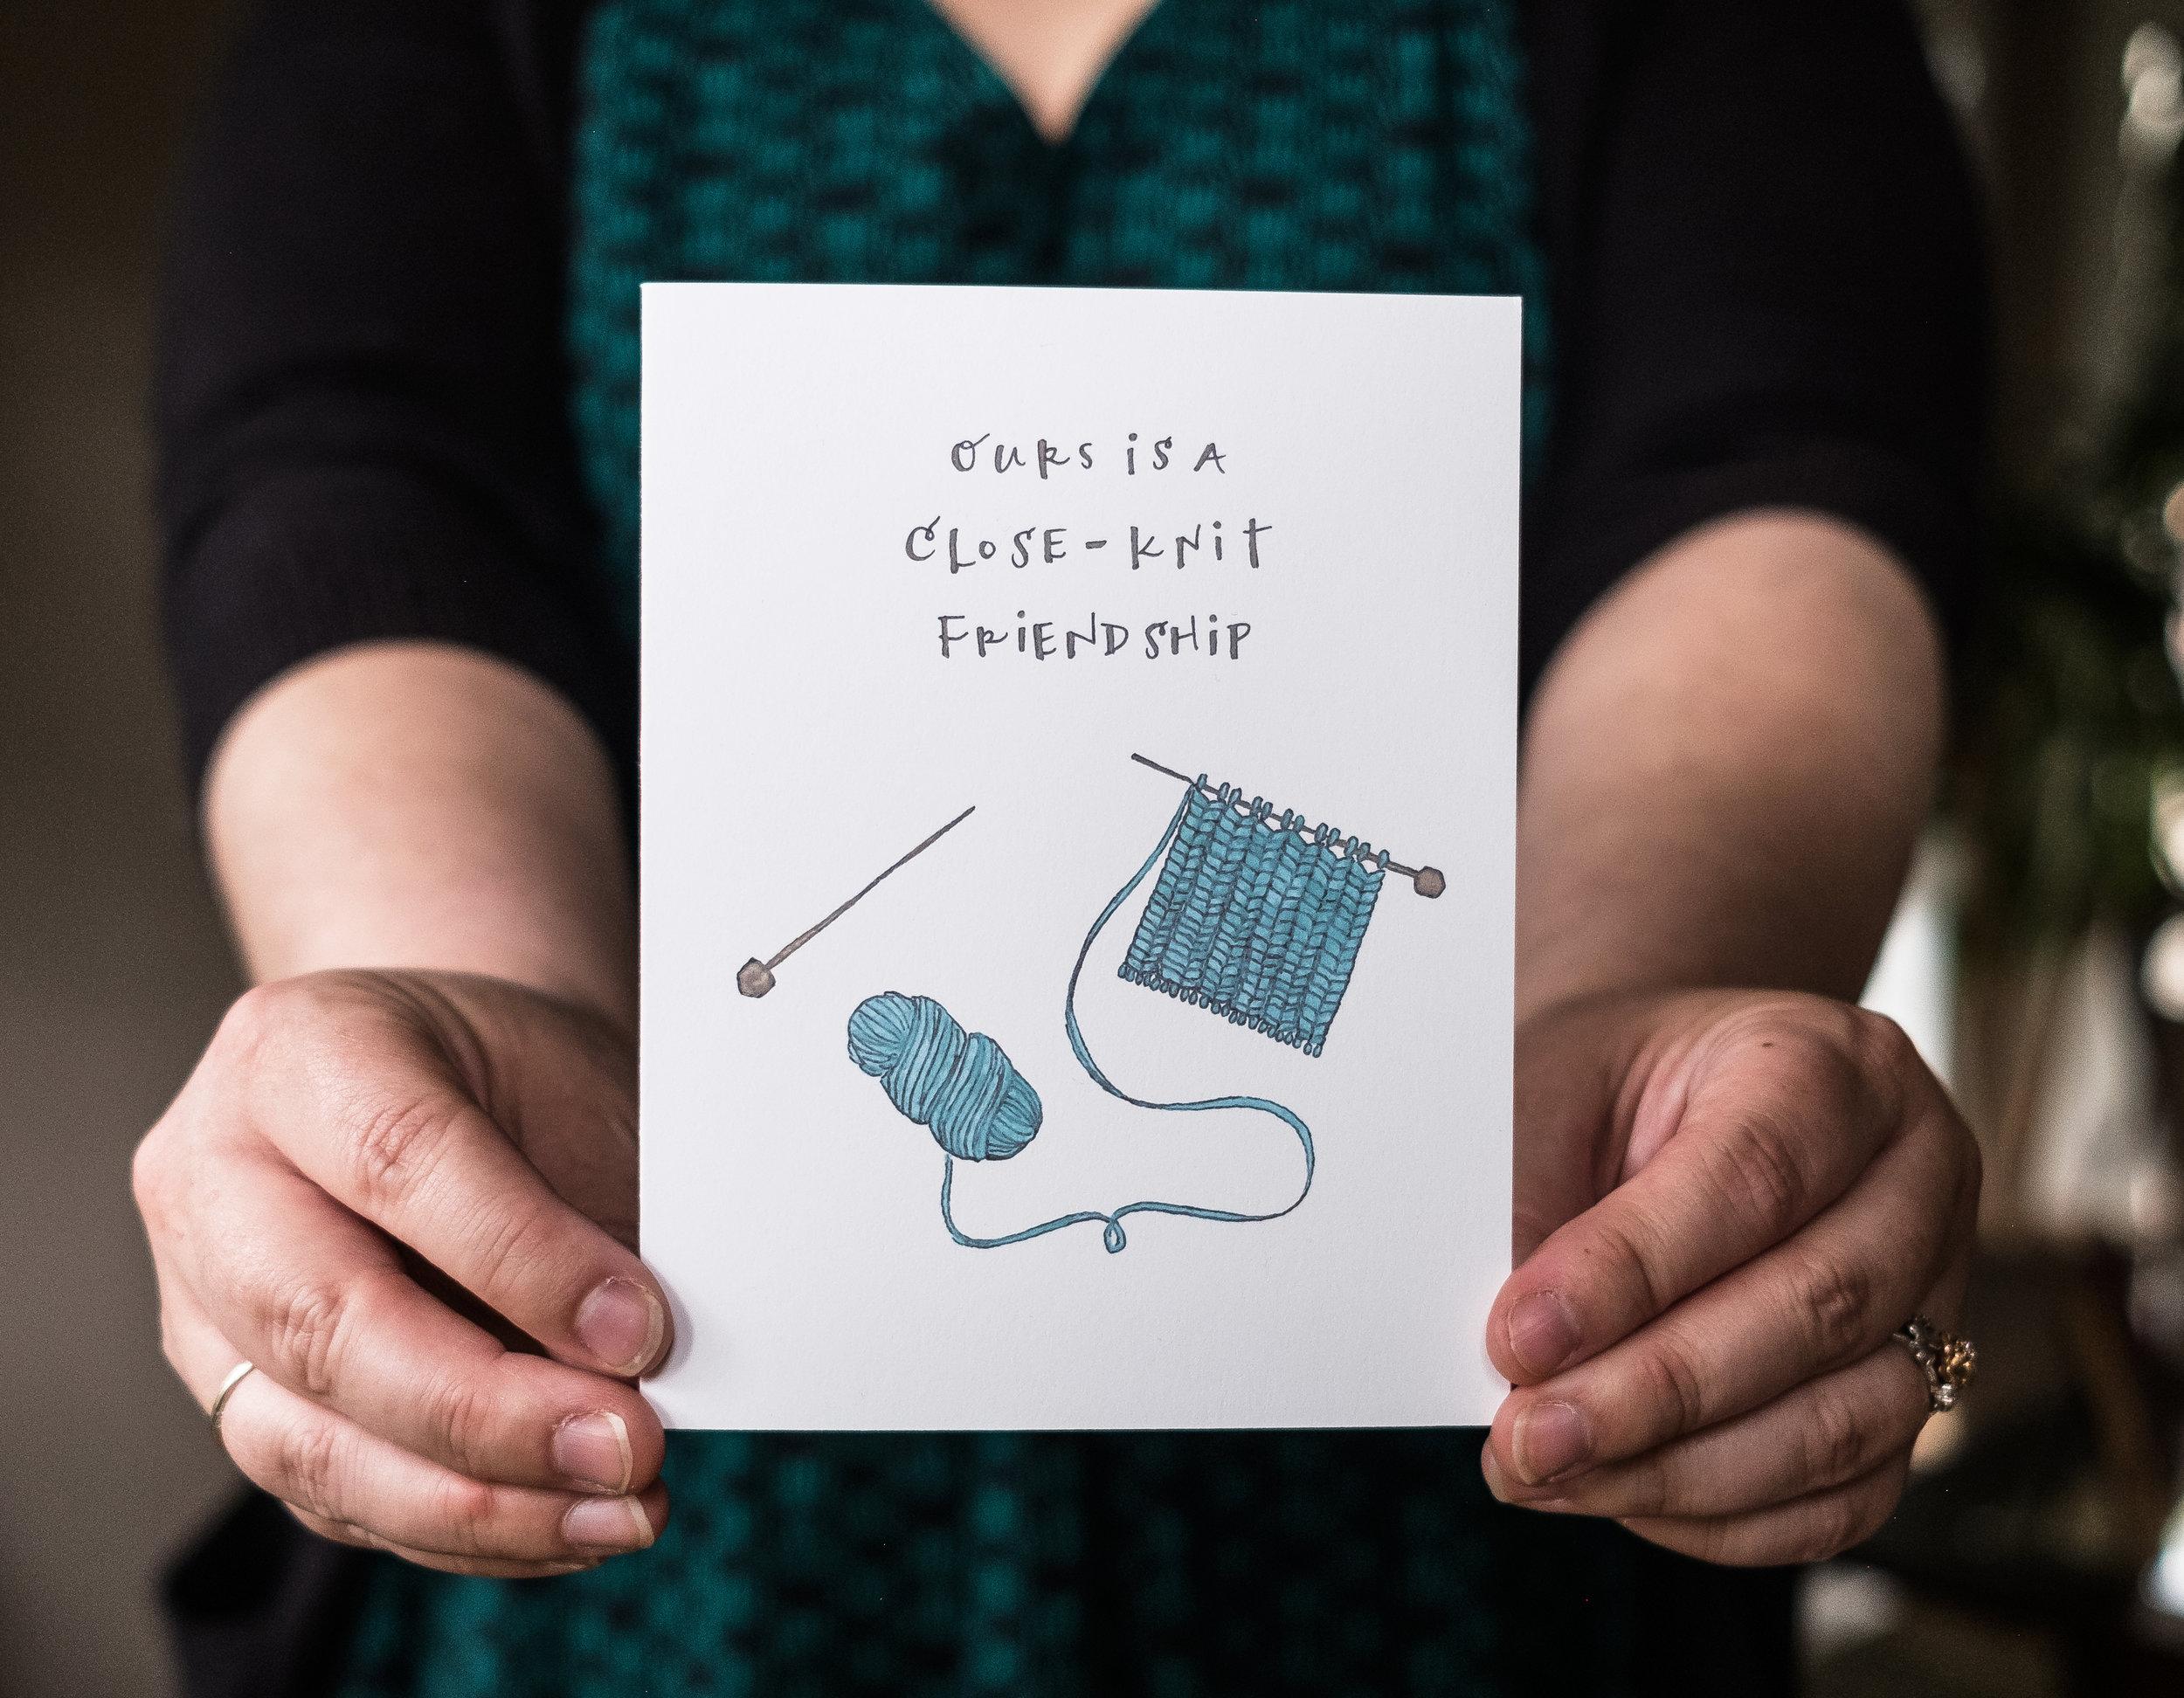 Lacelit Close-Knit Friendship